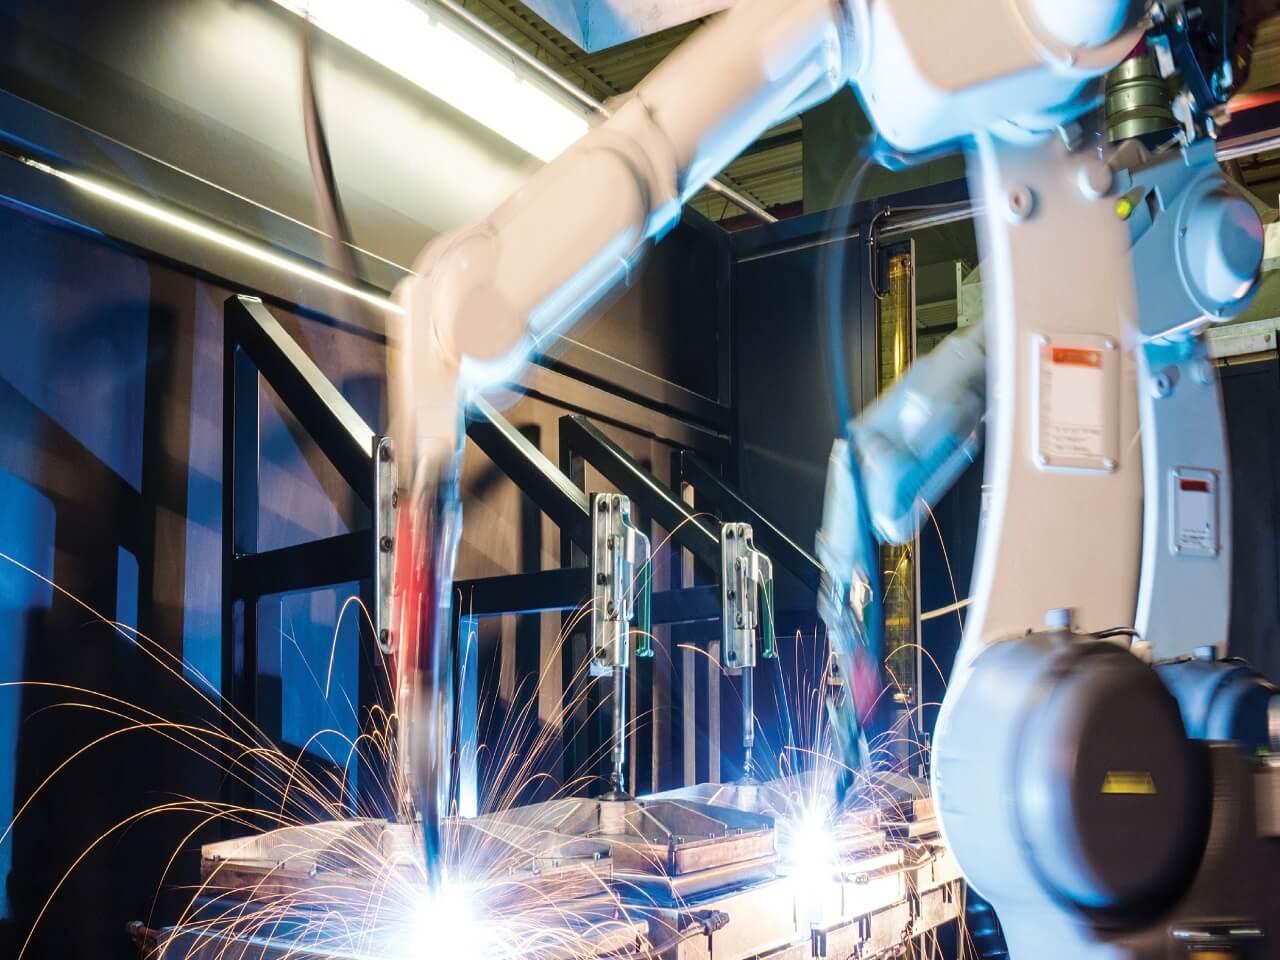 Demir-Çelik İthalatı Korunma Önlemleri Soruşturması